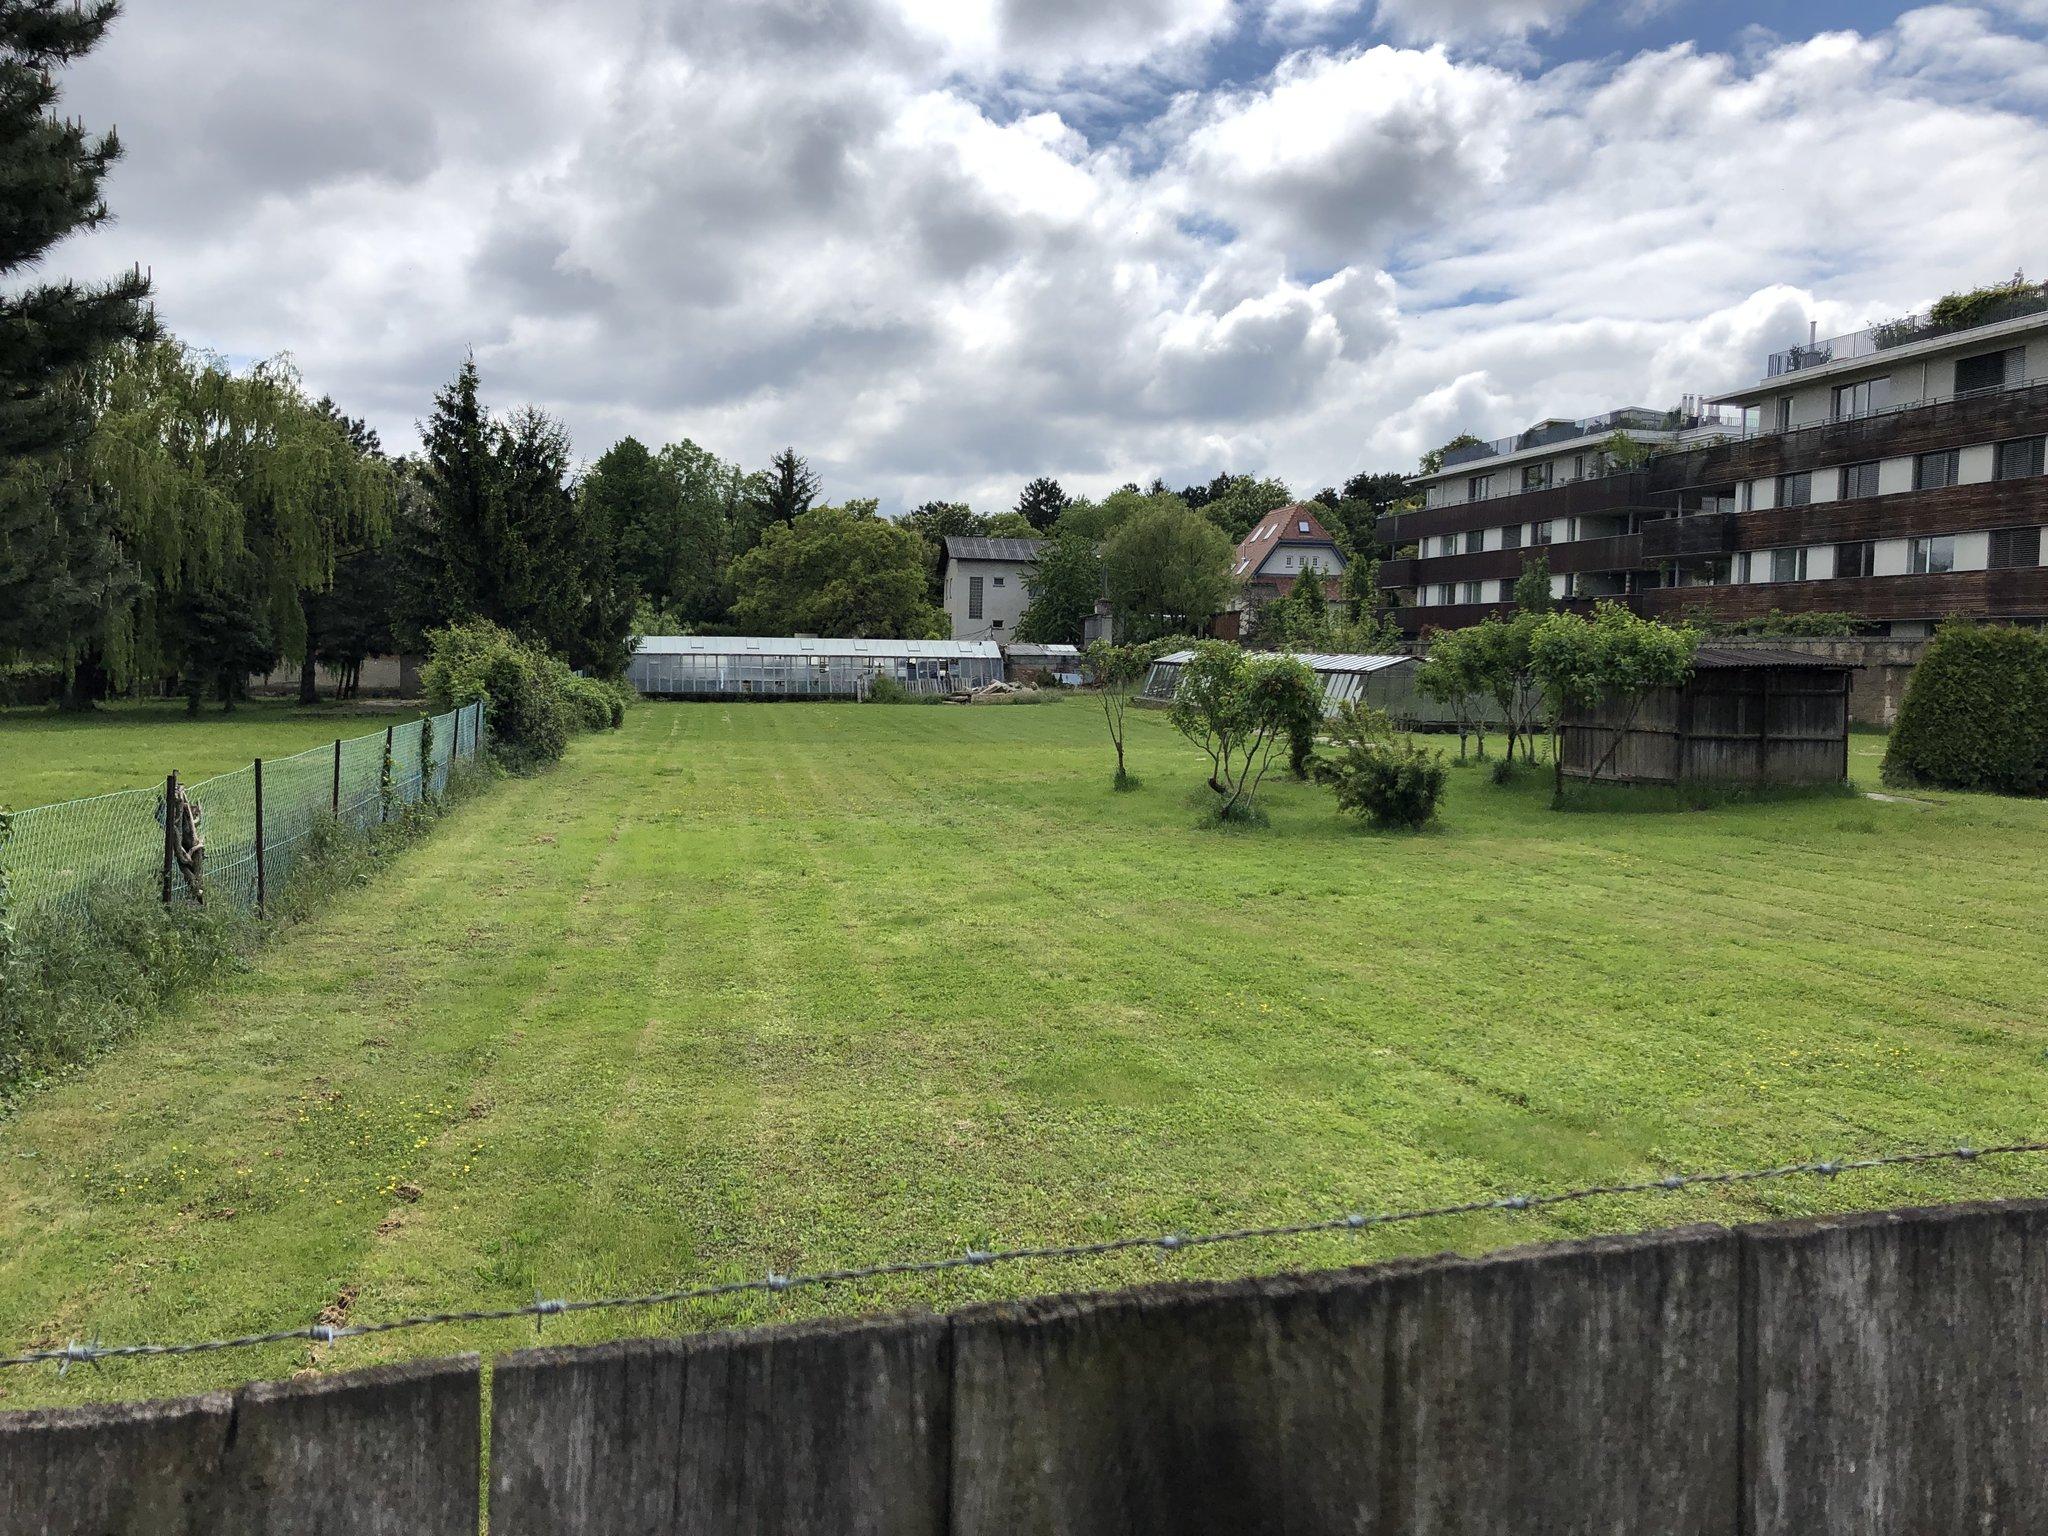 Flächenwidmung für Bauprojekt beschlossen: 6.000 Bürgerstimmen von Rot/Grün einfach weggewischt